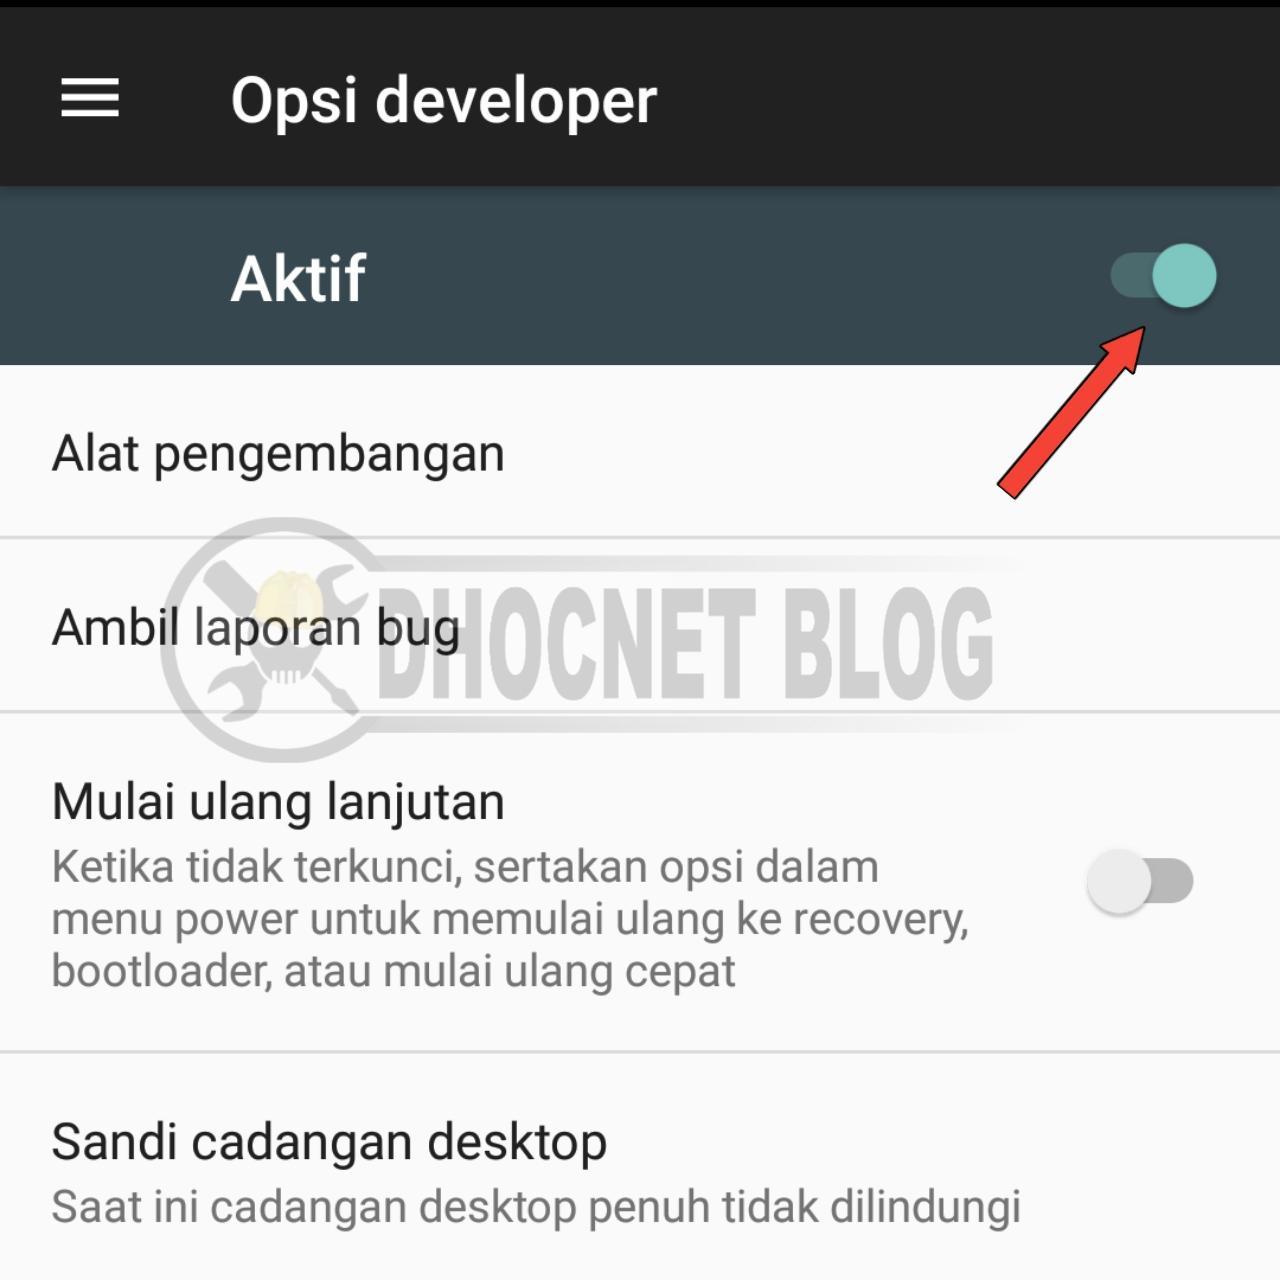 panduan mengaktifkan opsi developer pada android - blog.dhocnet.work